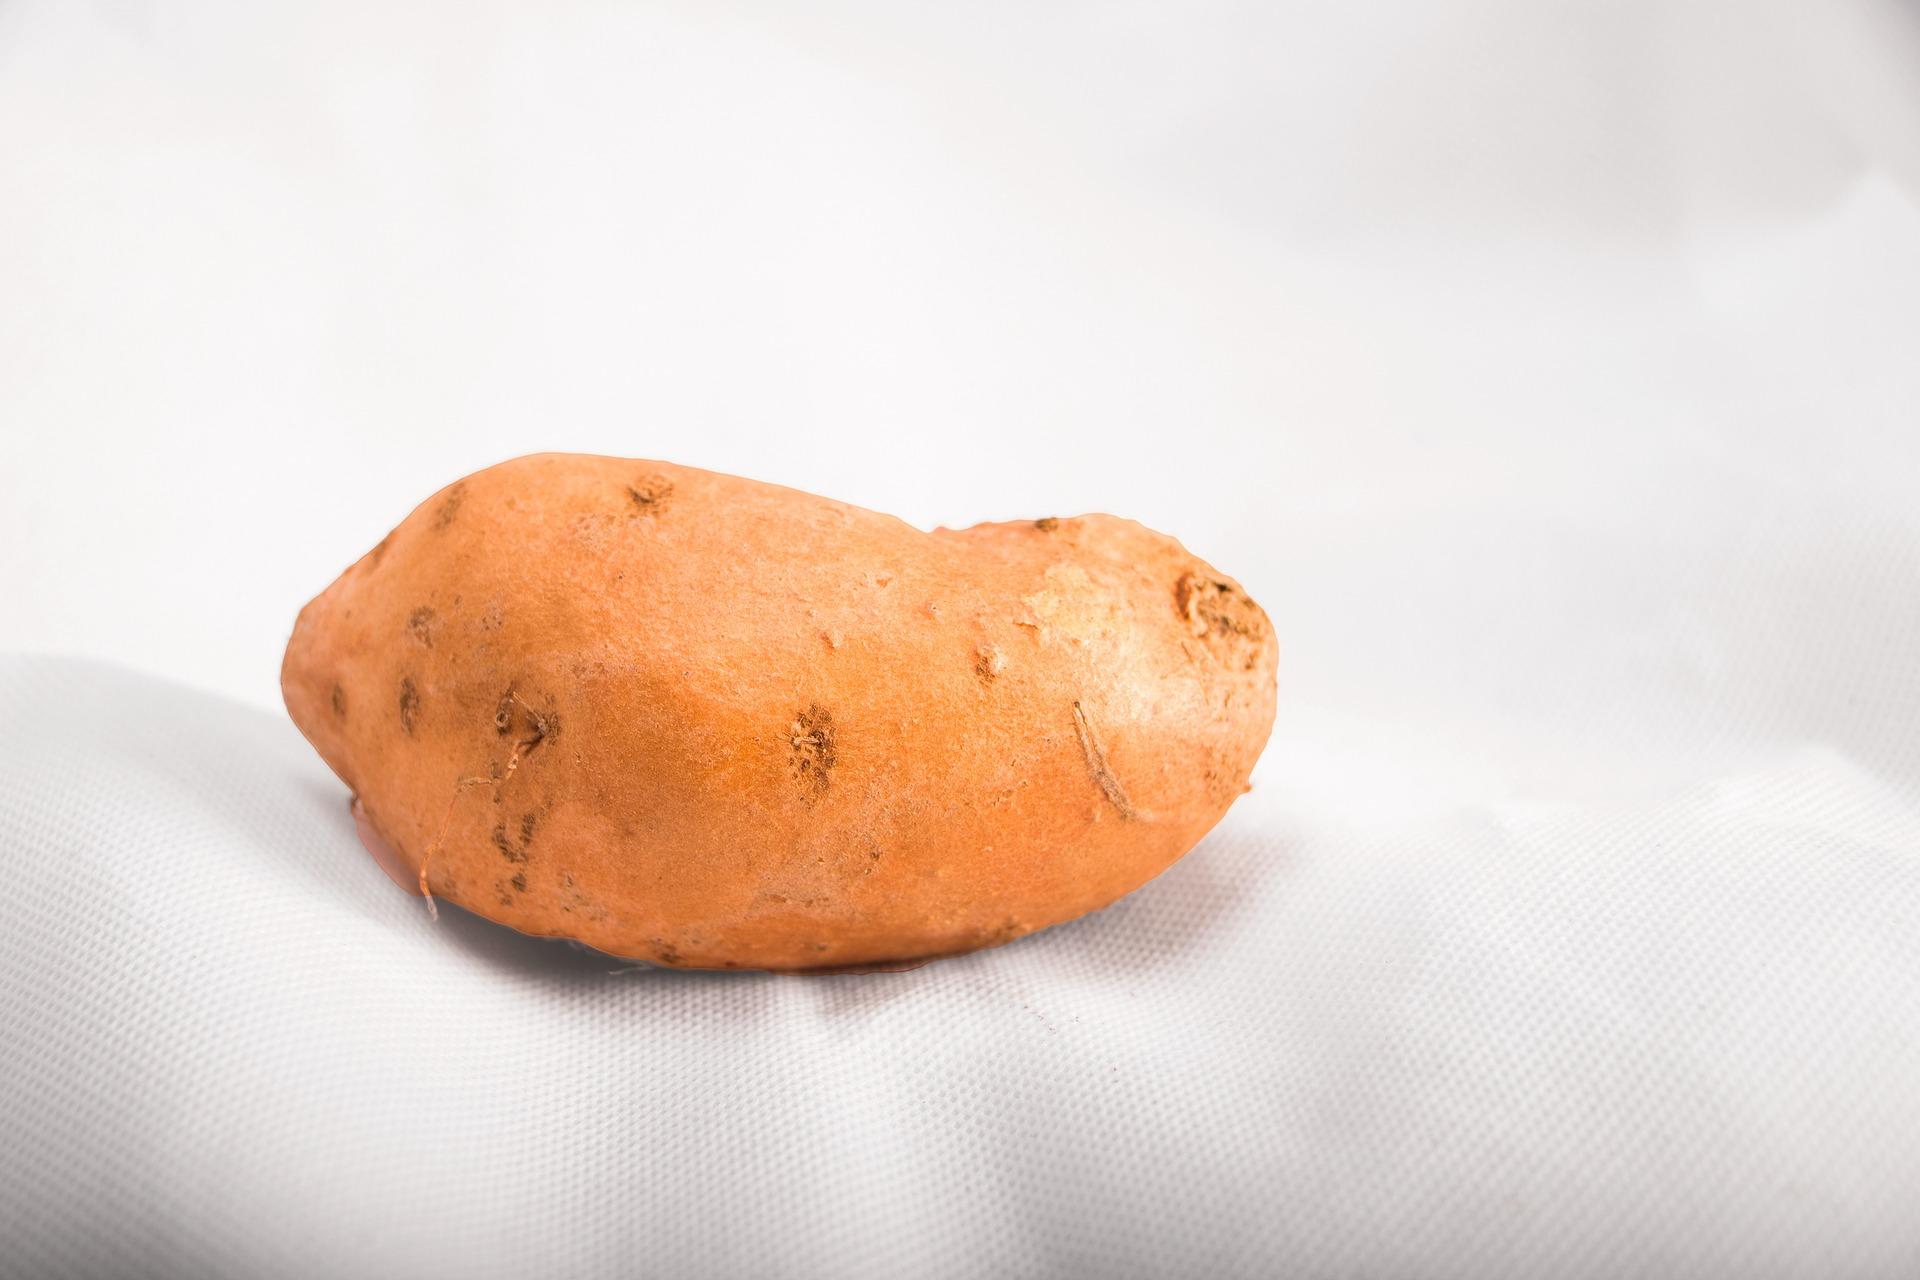 sweet-potatoe-3638883_1920.jpg